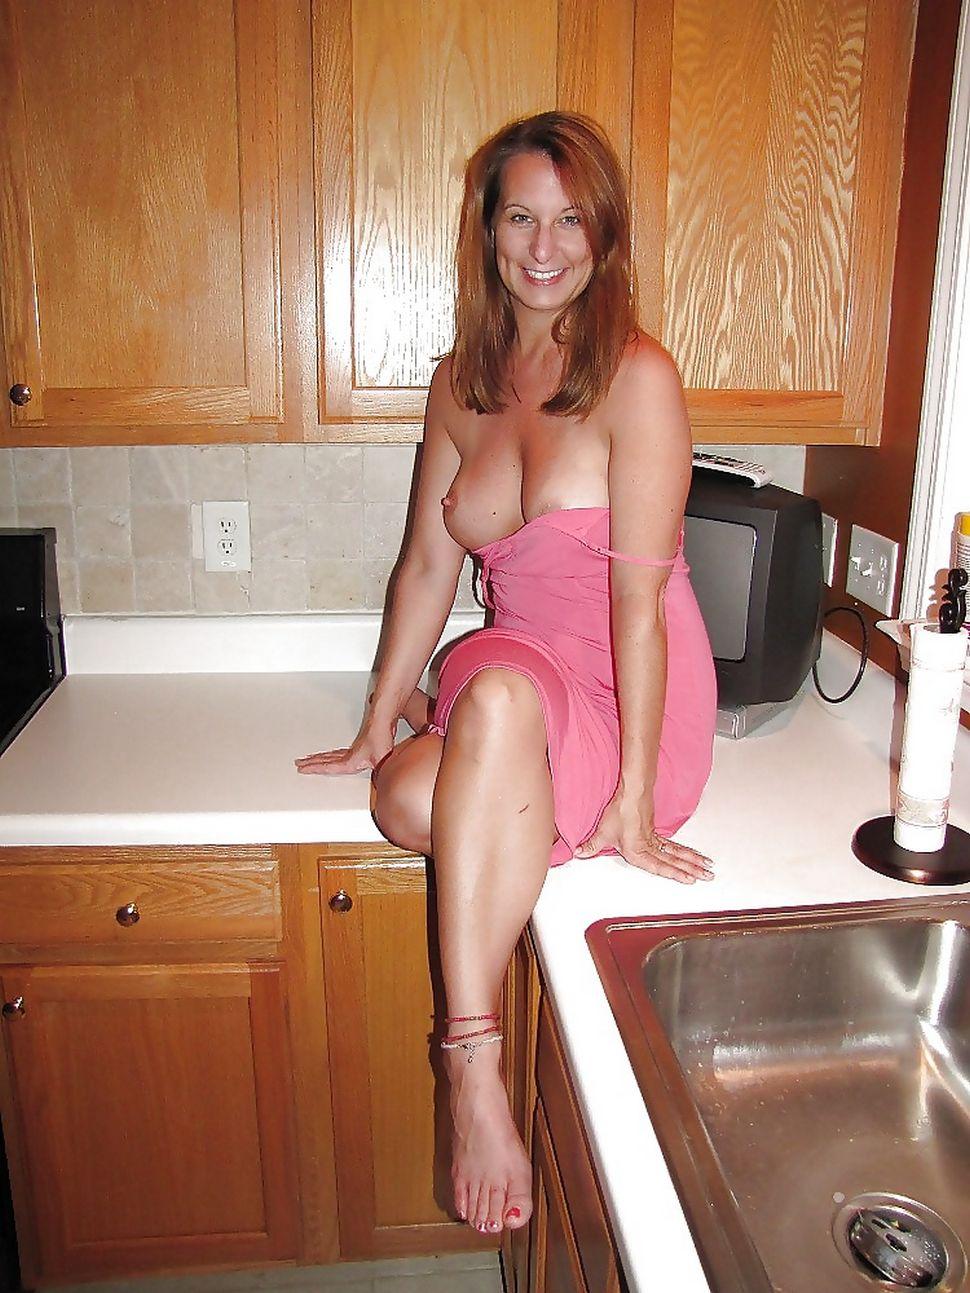 nouvelle femme sur site pour infidele du 26